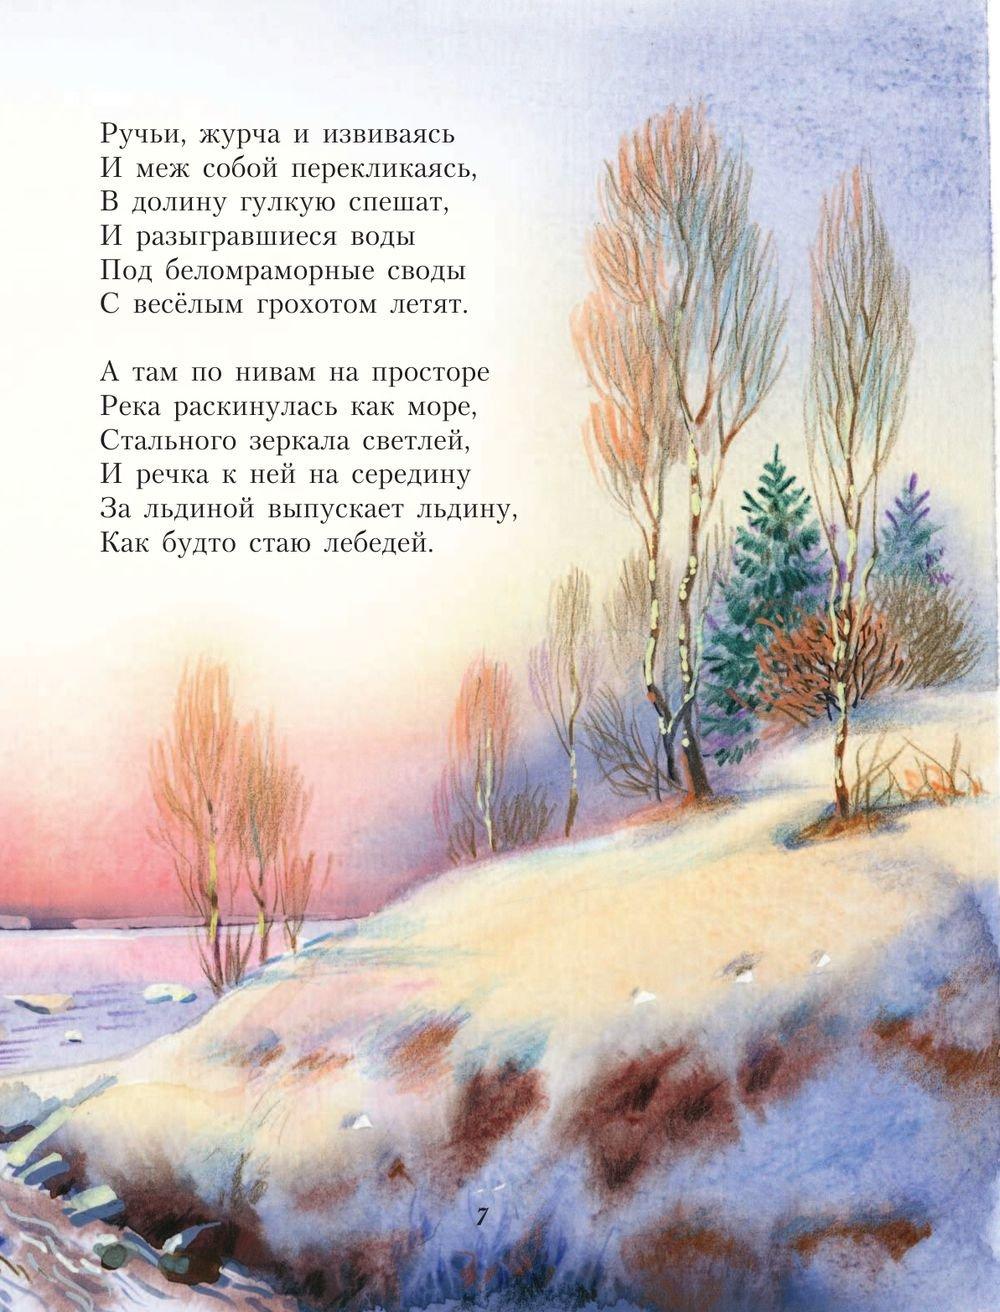 единственный иллюстрации к поэзии фета праге очень дорогая